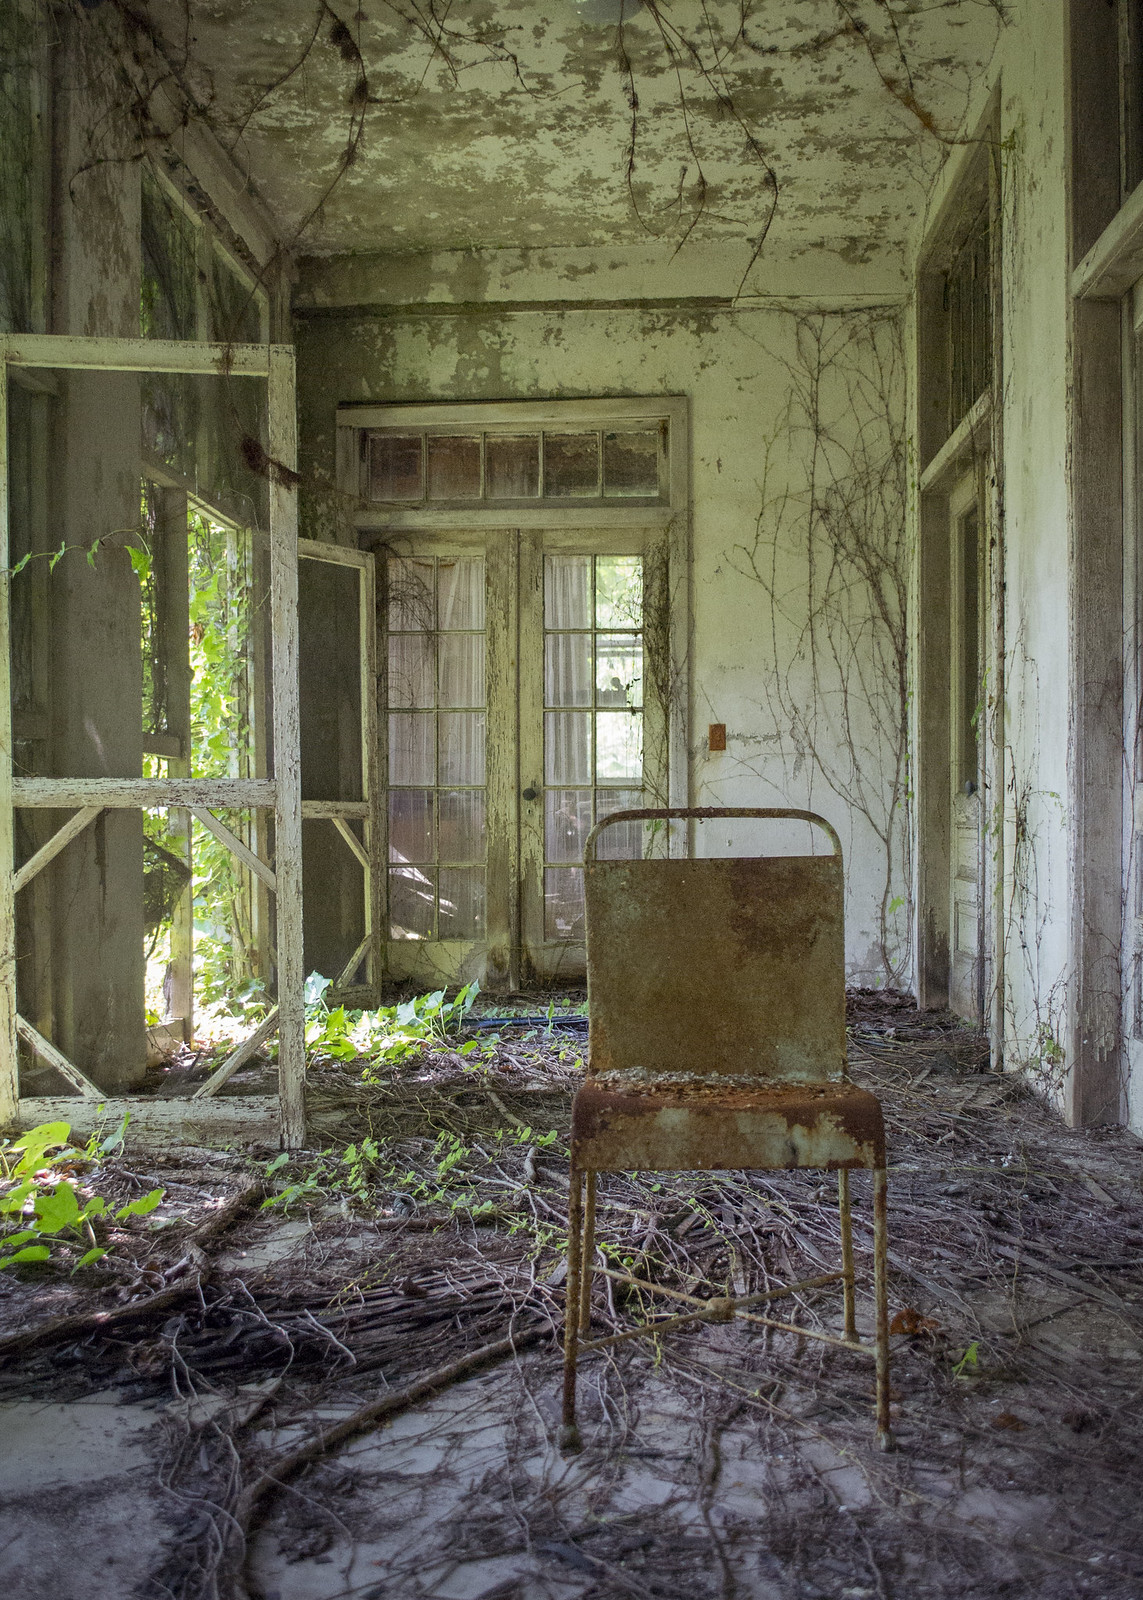 Hagedorn Sanitarium